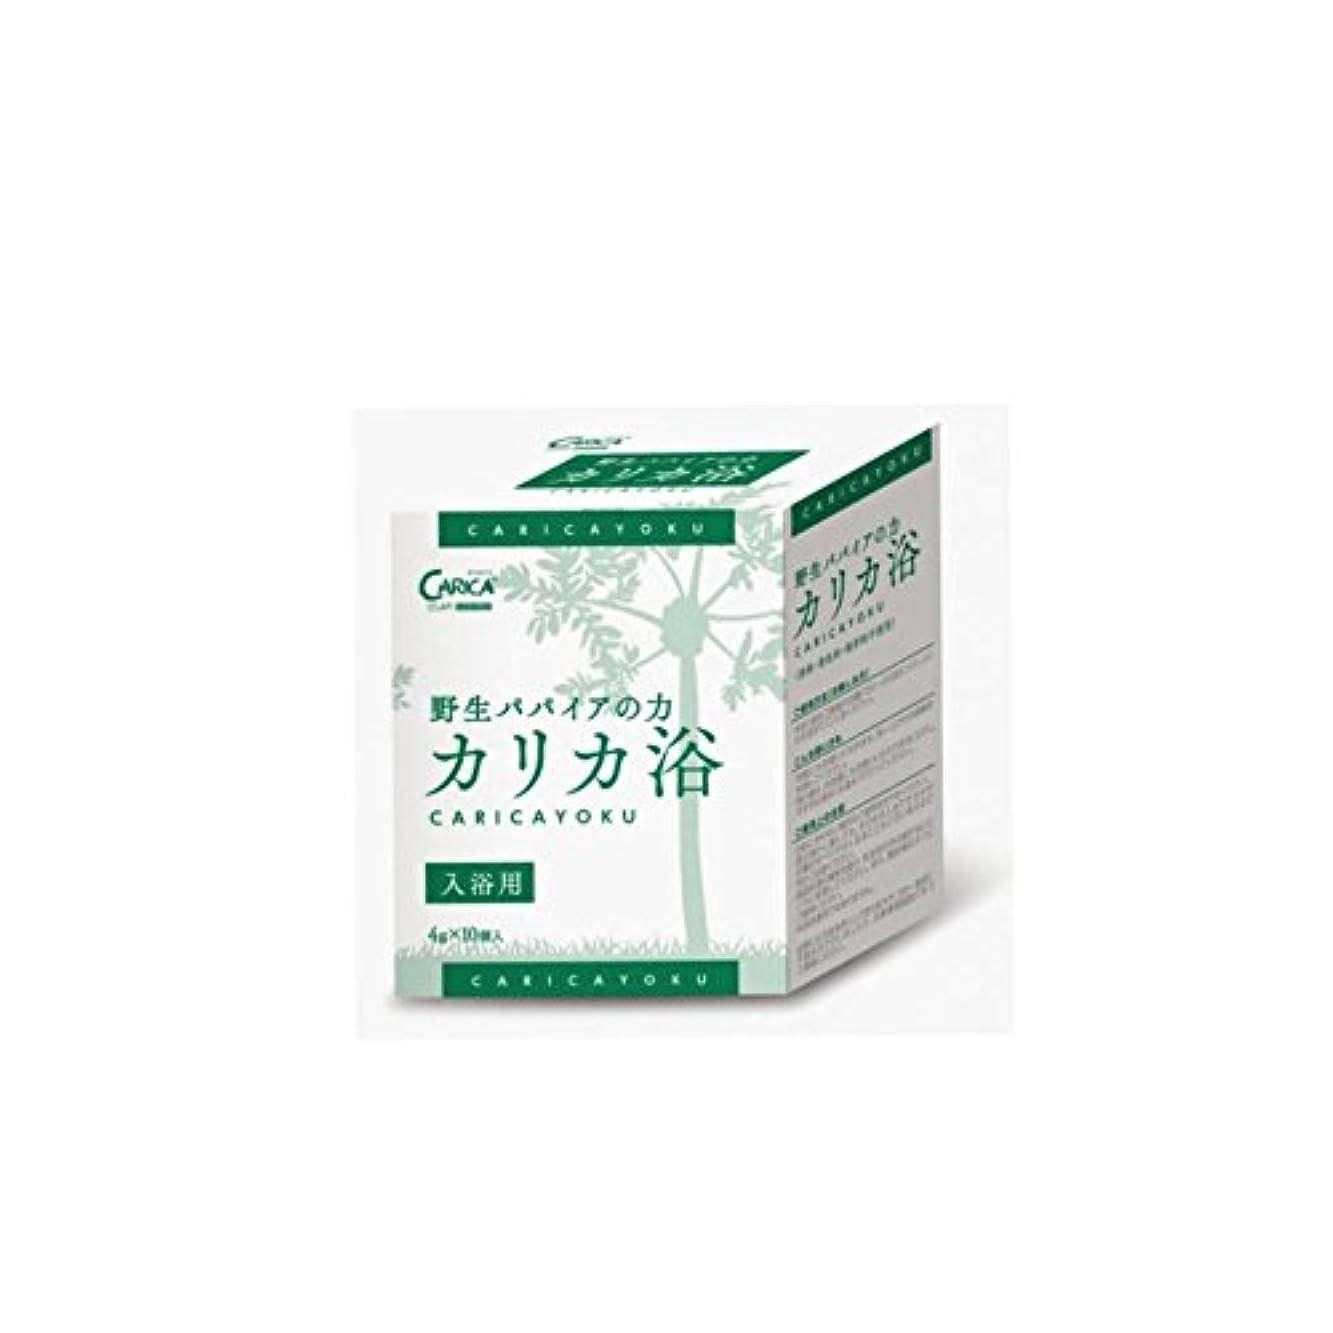 ホステルリー融合カリカの入浴剤(カリカ浴)